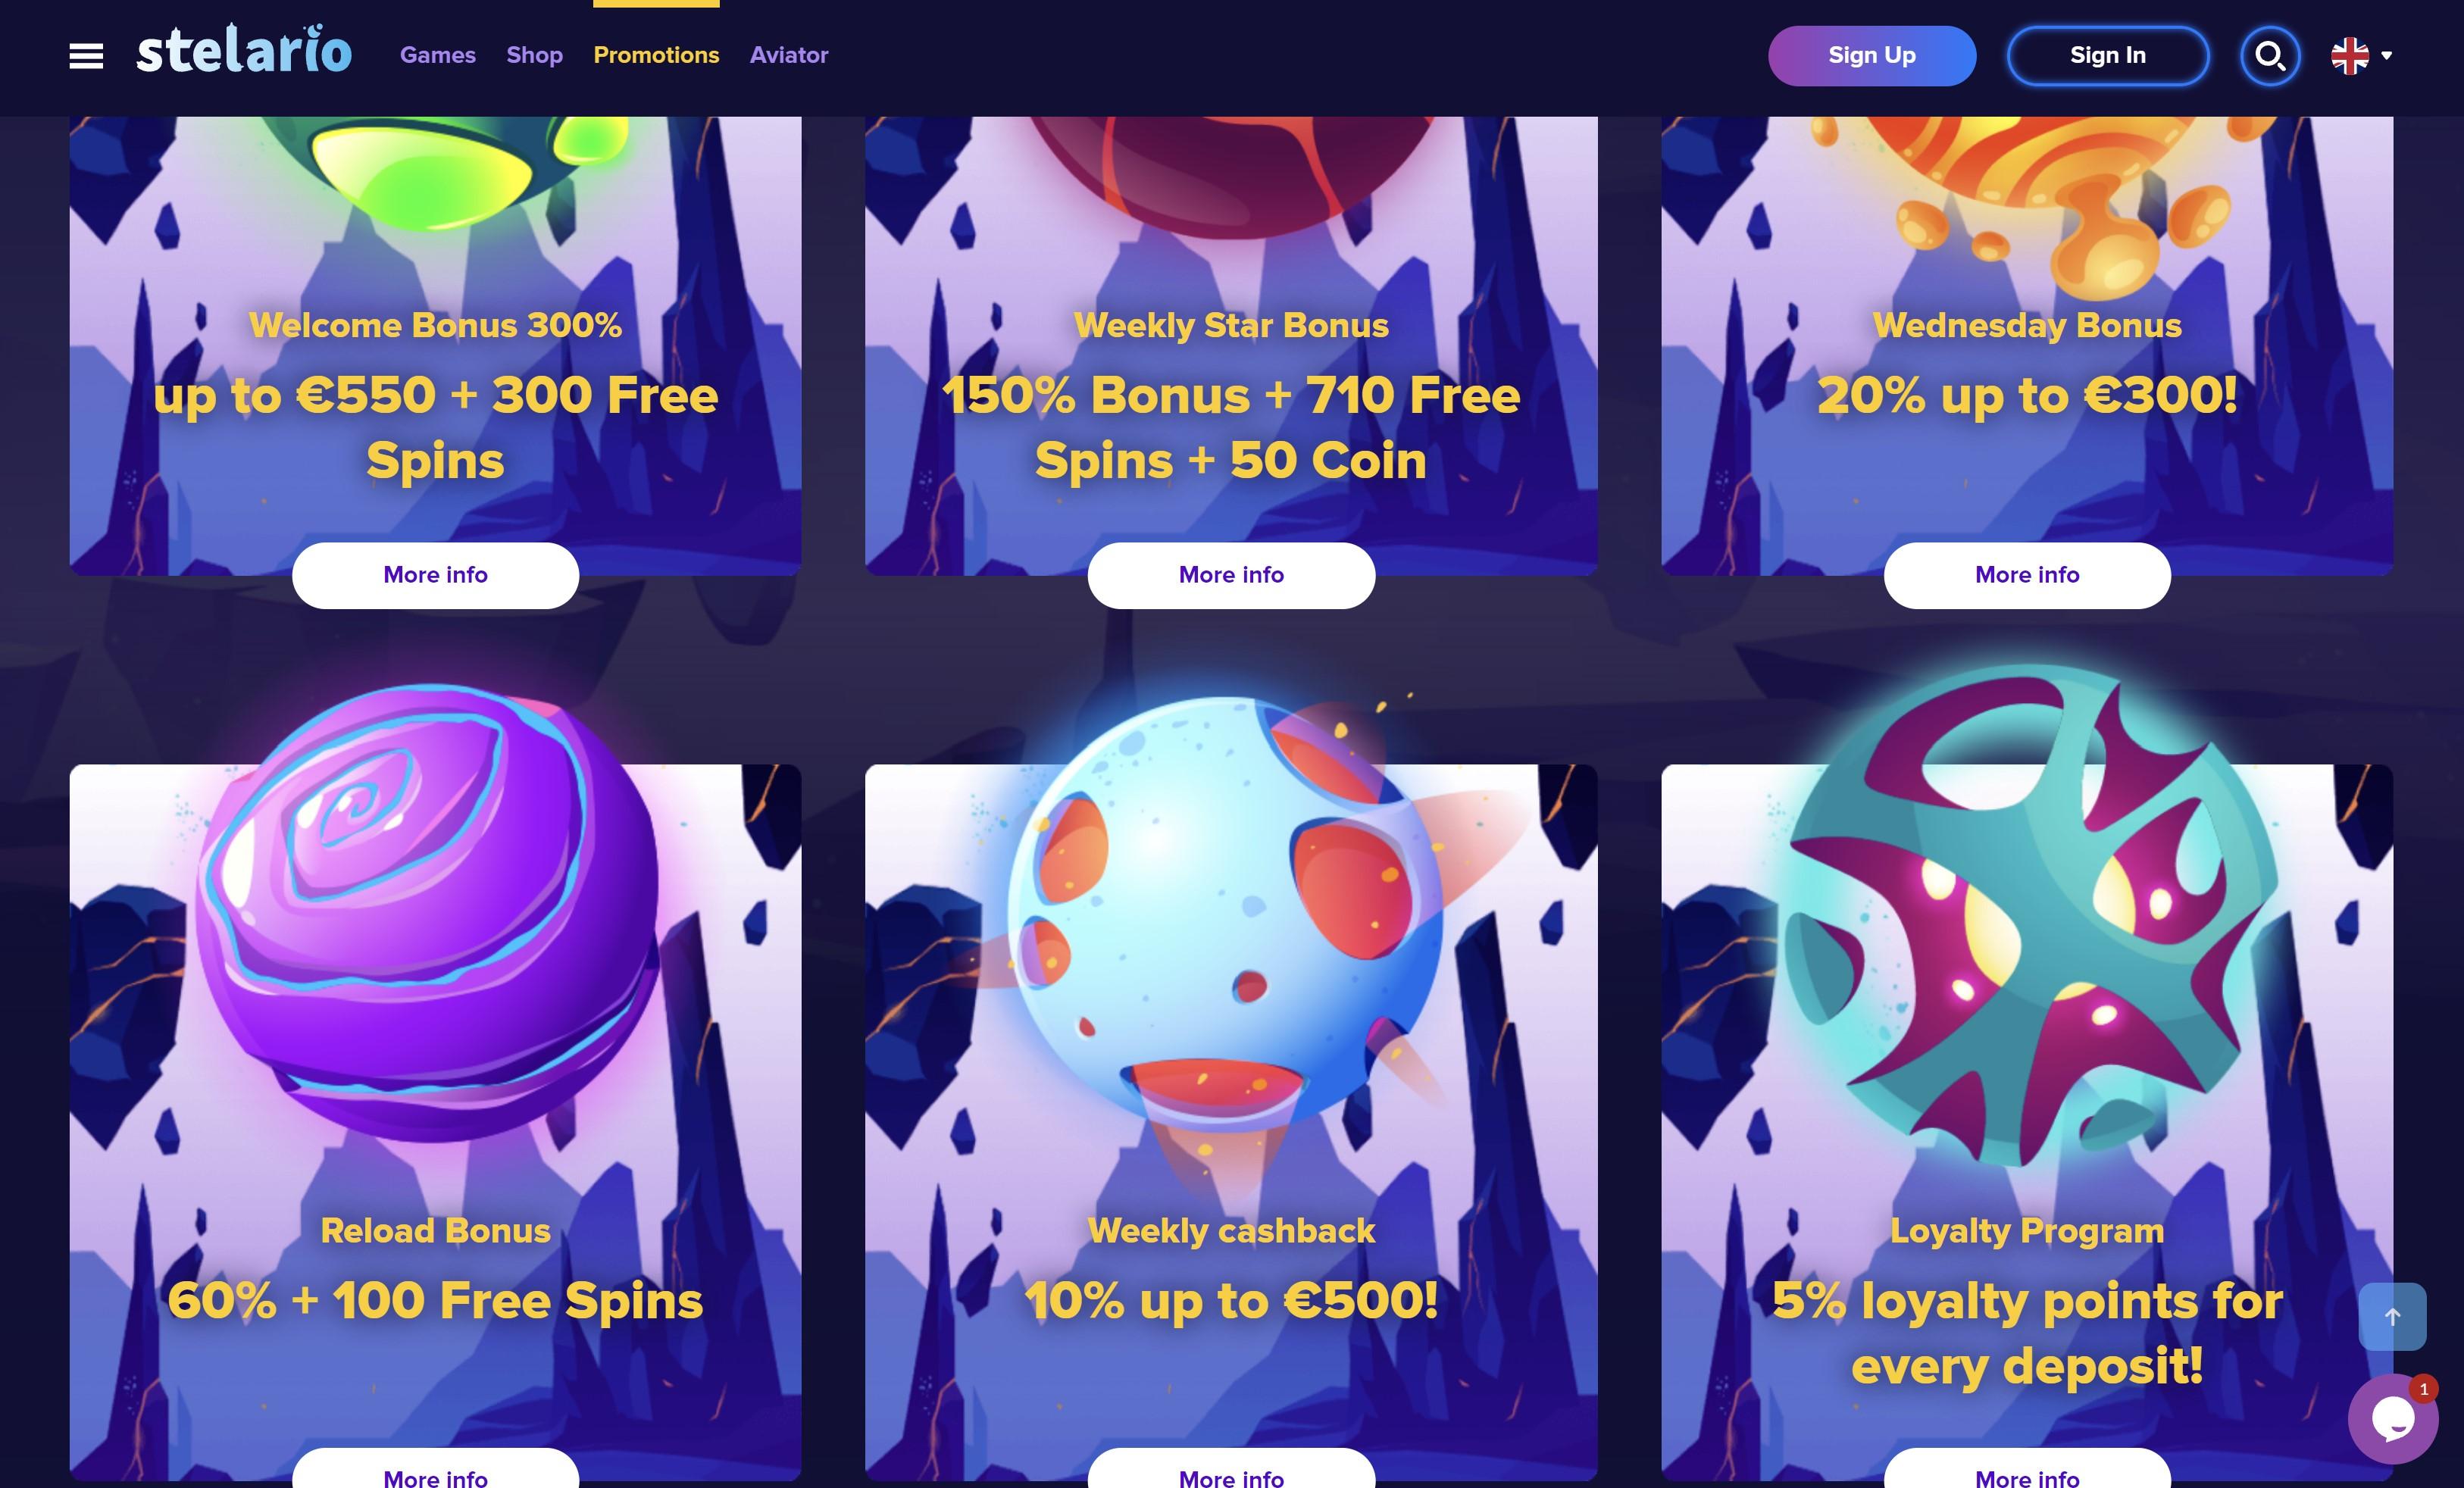 stelario casino no deposit bonus free spins premijos ir pasiūlymai